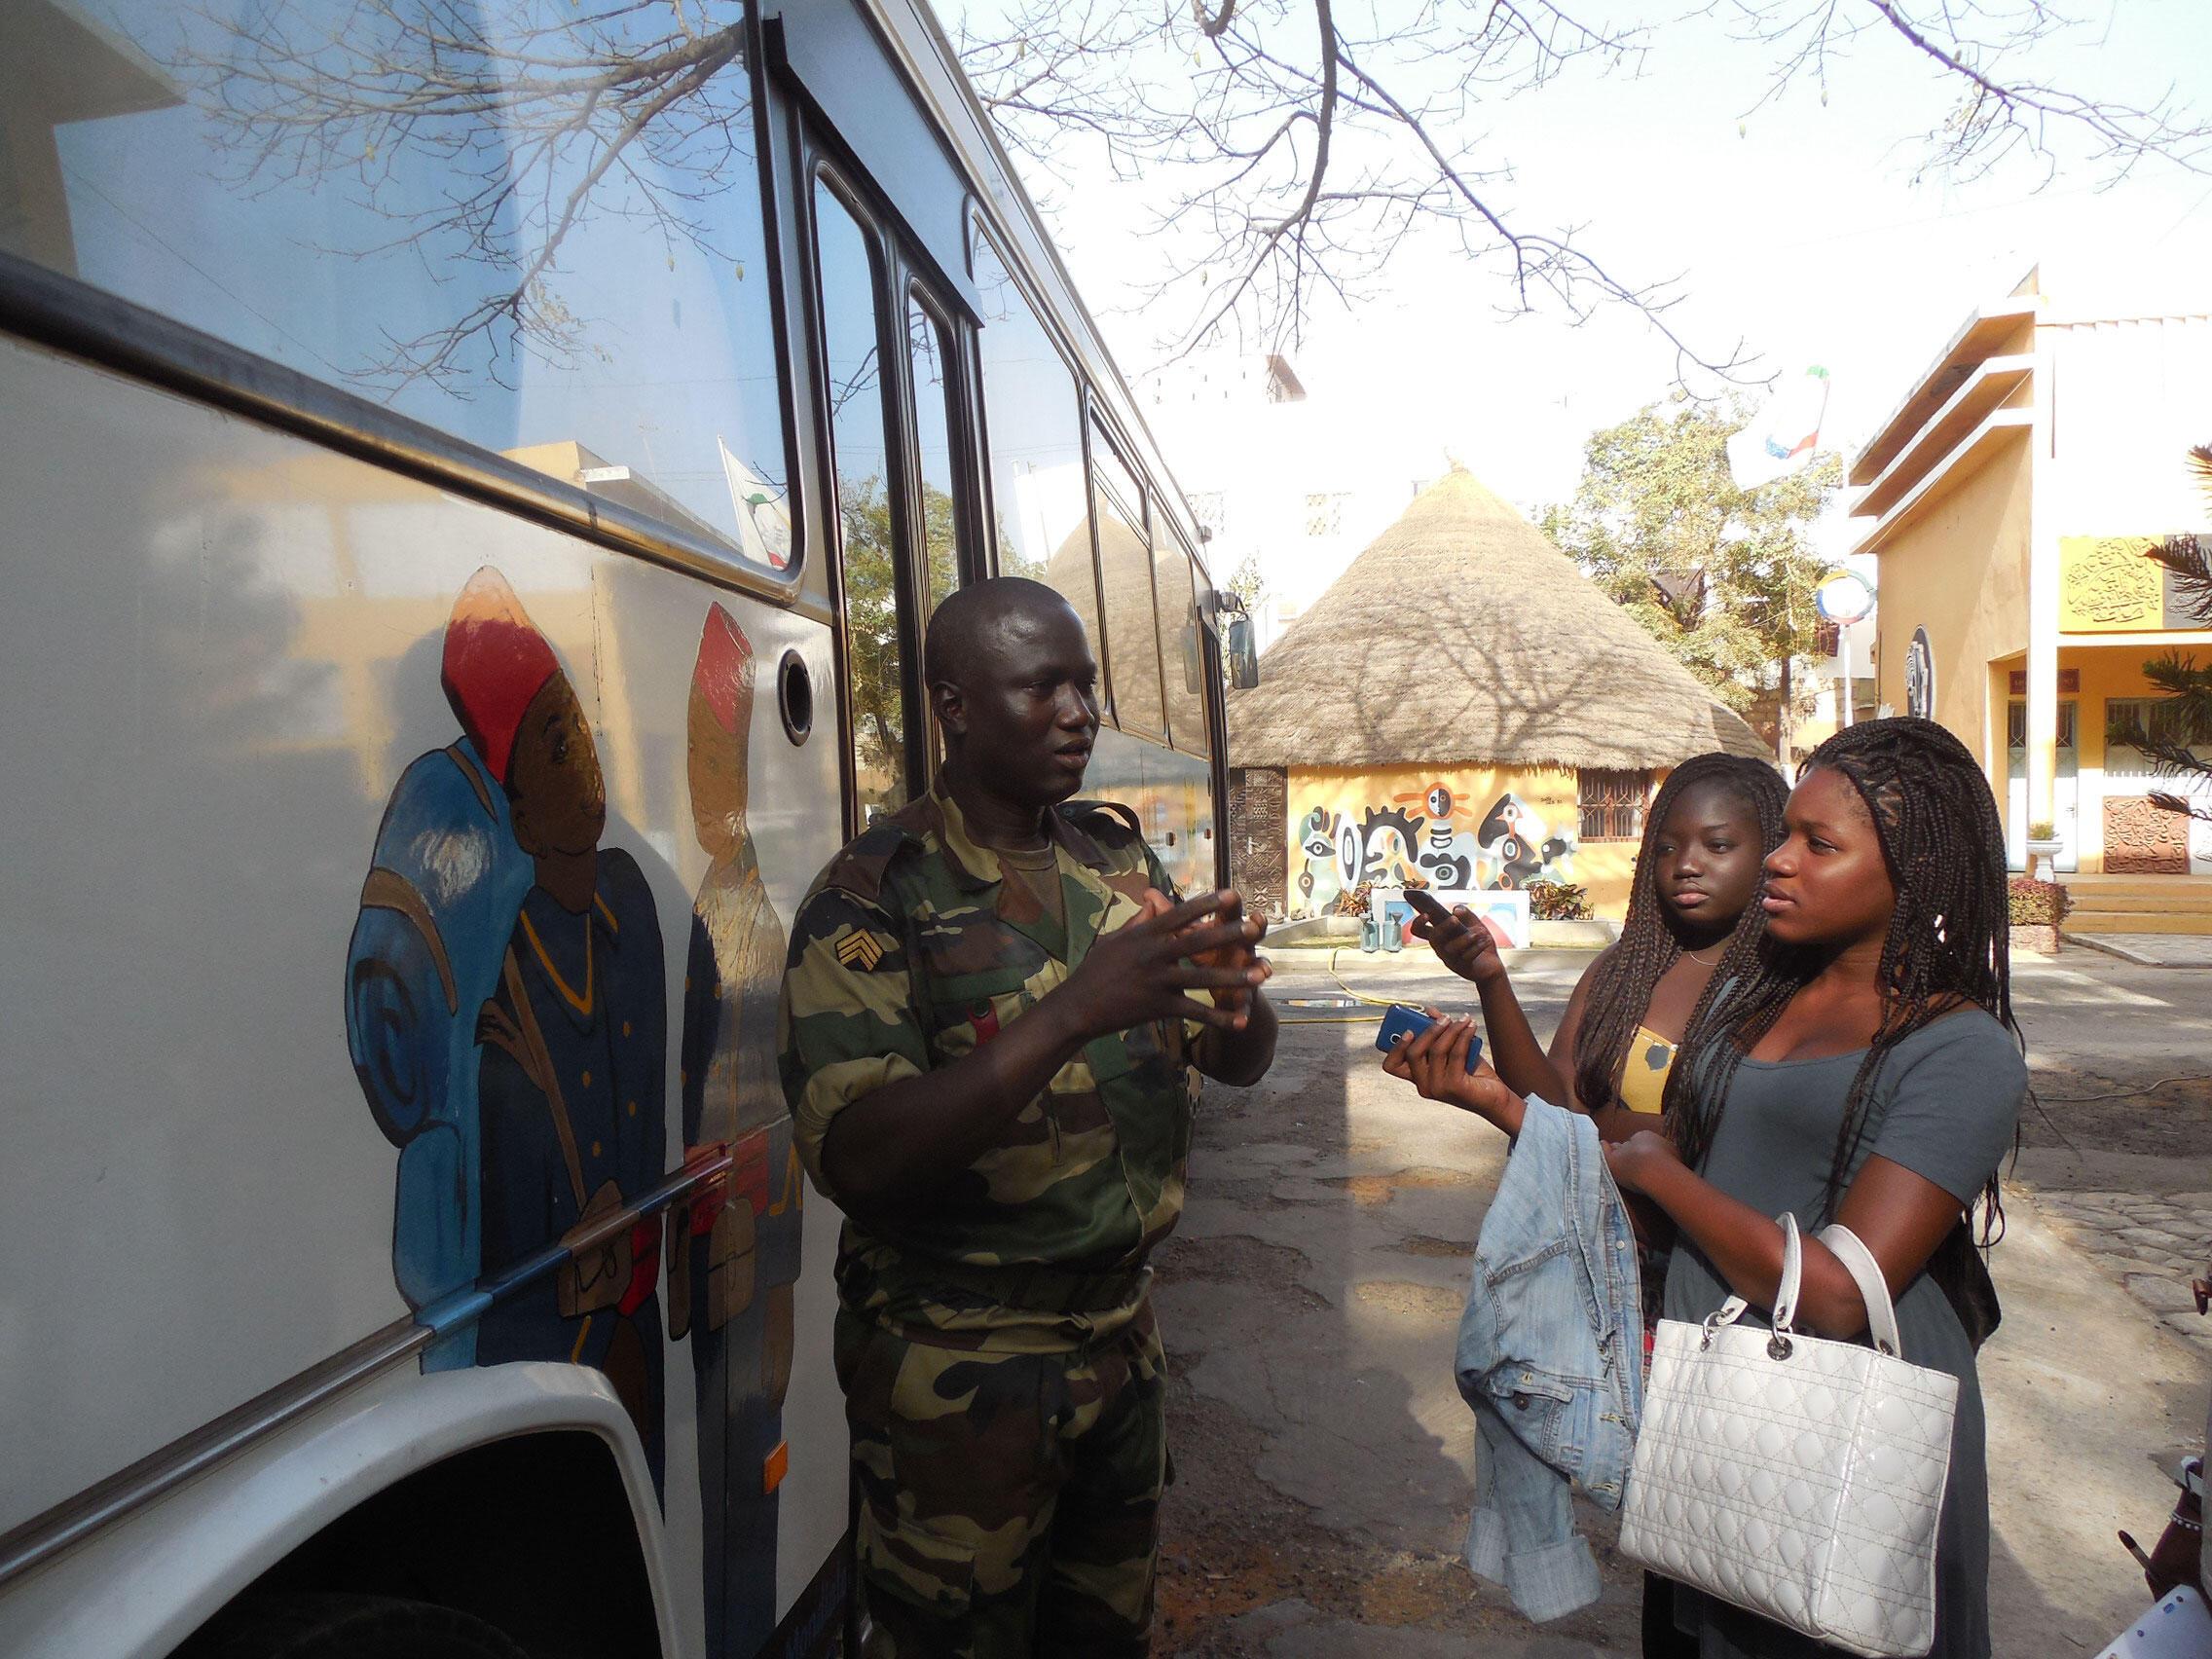 Dans son récit, le conservateur met l'accent sur le recrutement et les conditions de vie des Tirailleurs sénégalais.